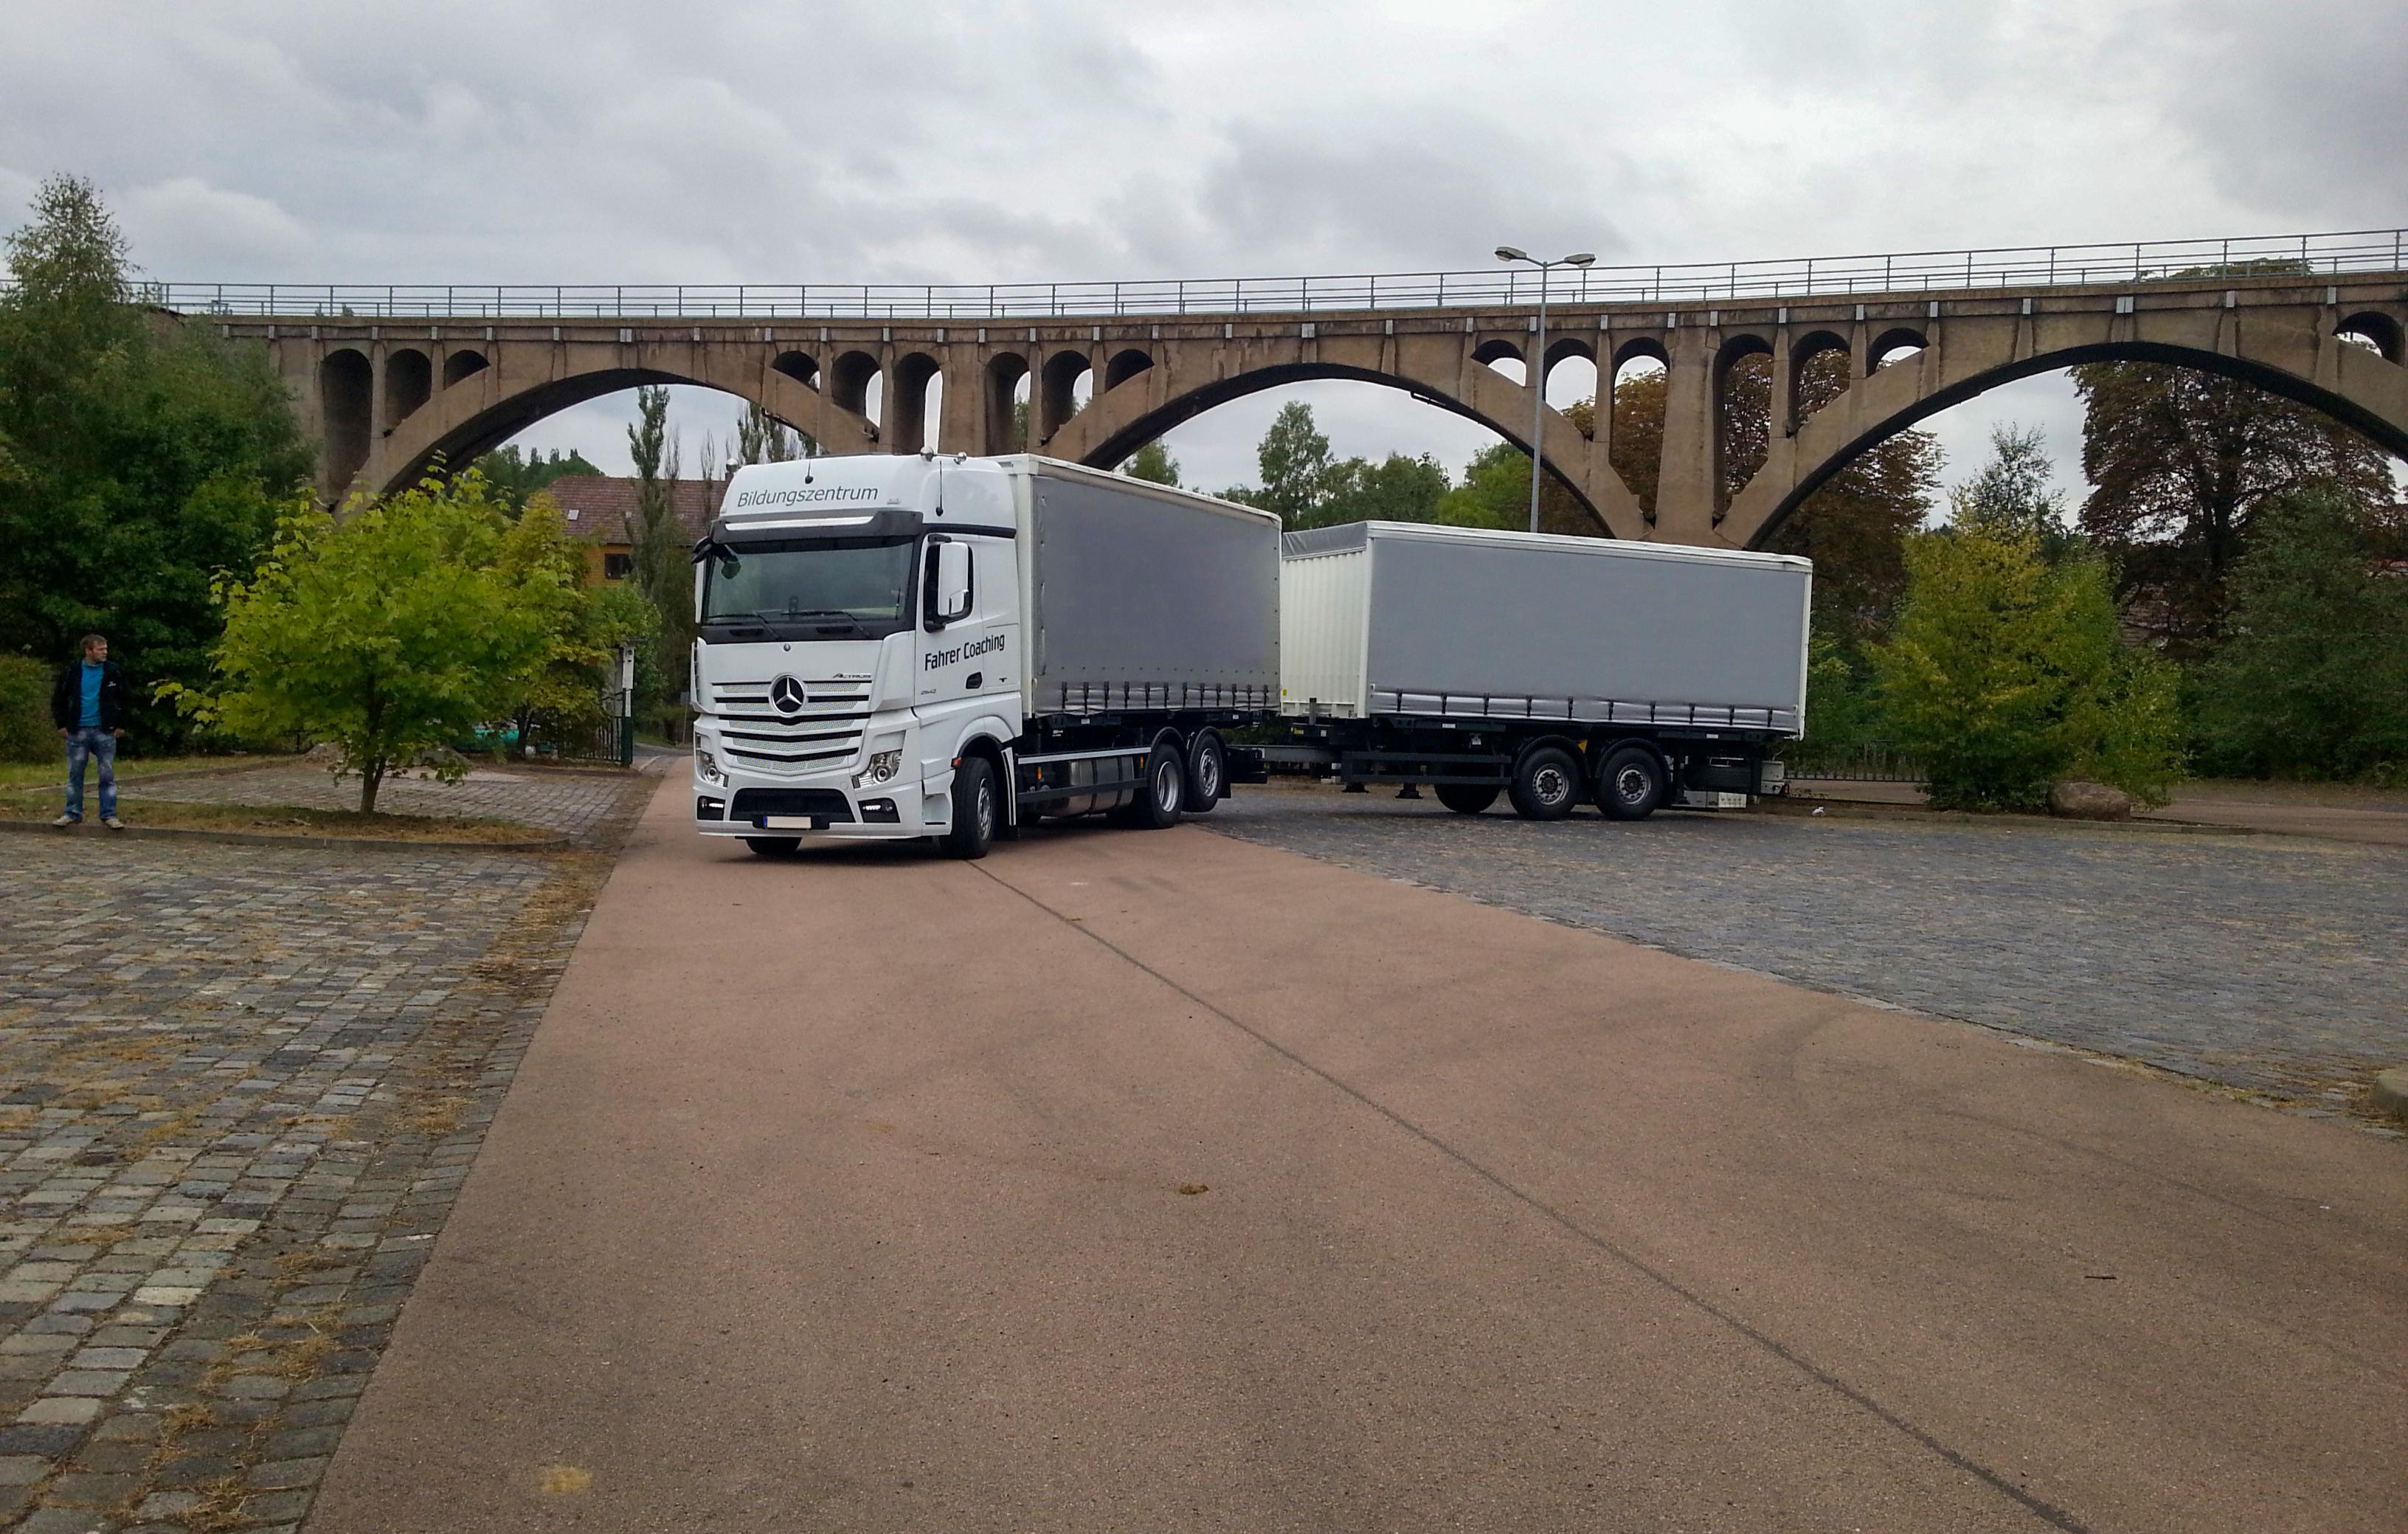 truck-fahren-hettstedt-bg41606738093